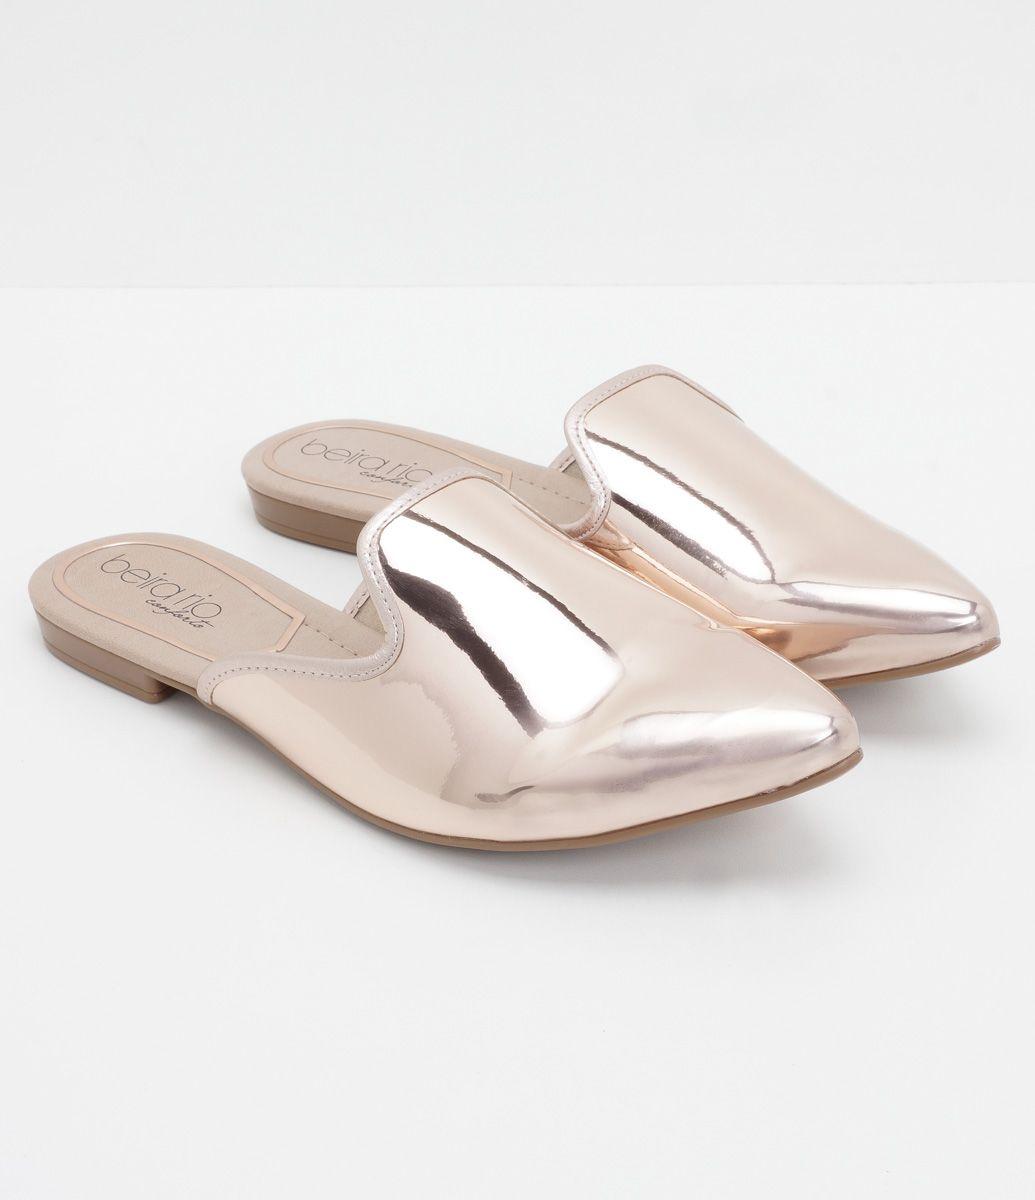 1344c54bca Sapato feminino Modelo mule Metalizada Material  sintético Marca  Beira Rio  COLEÇÃO INVERNO 2017 Veja